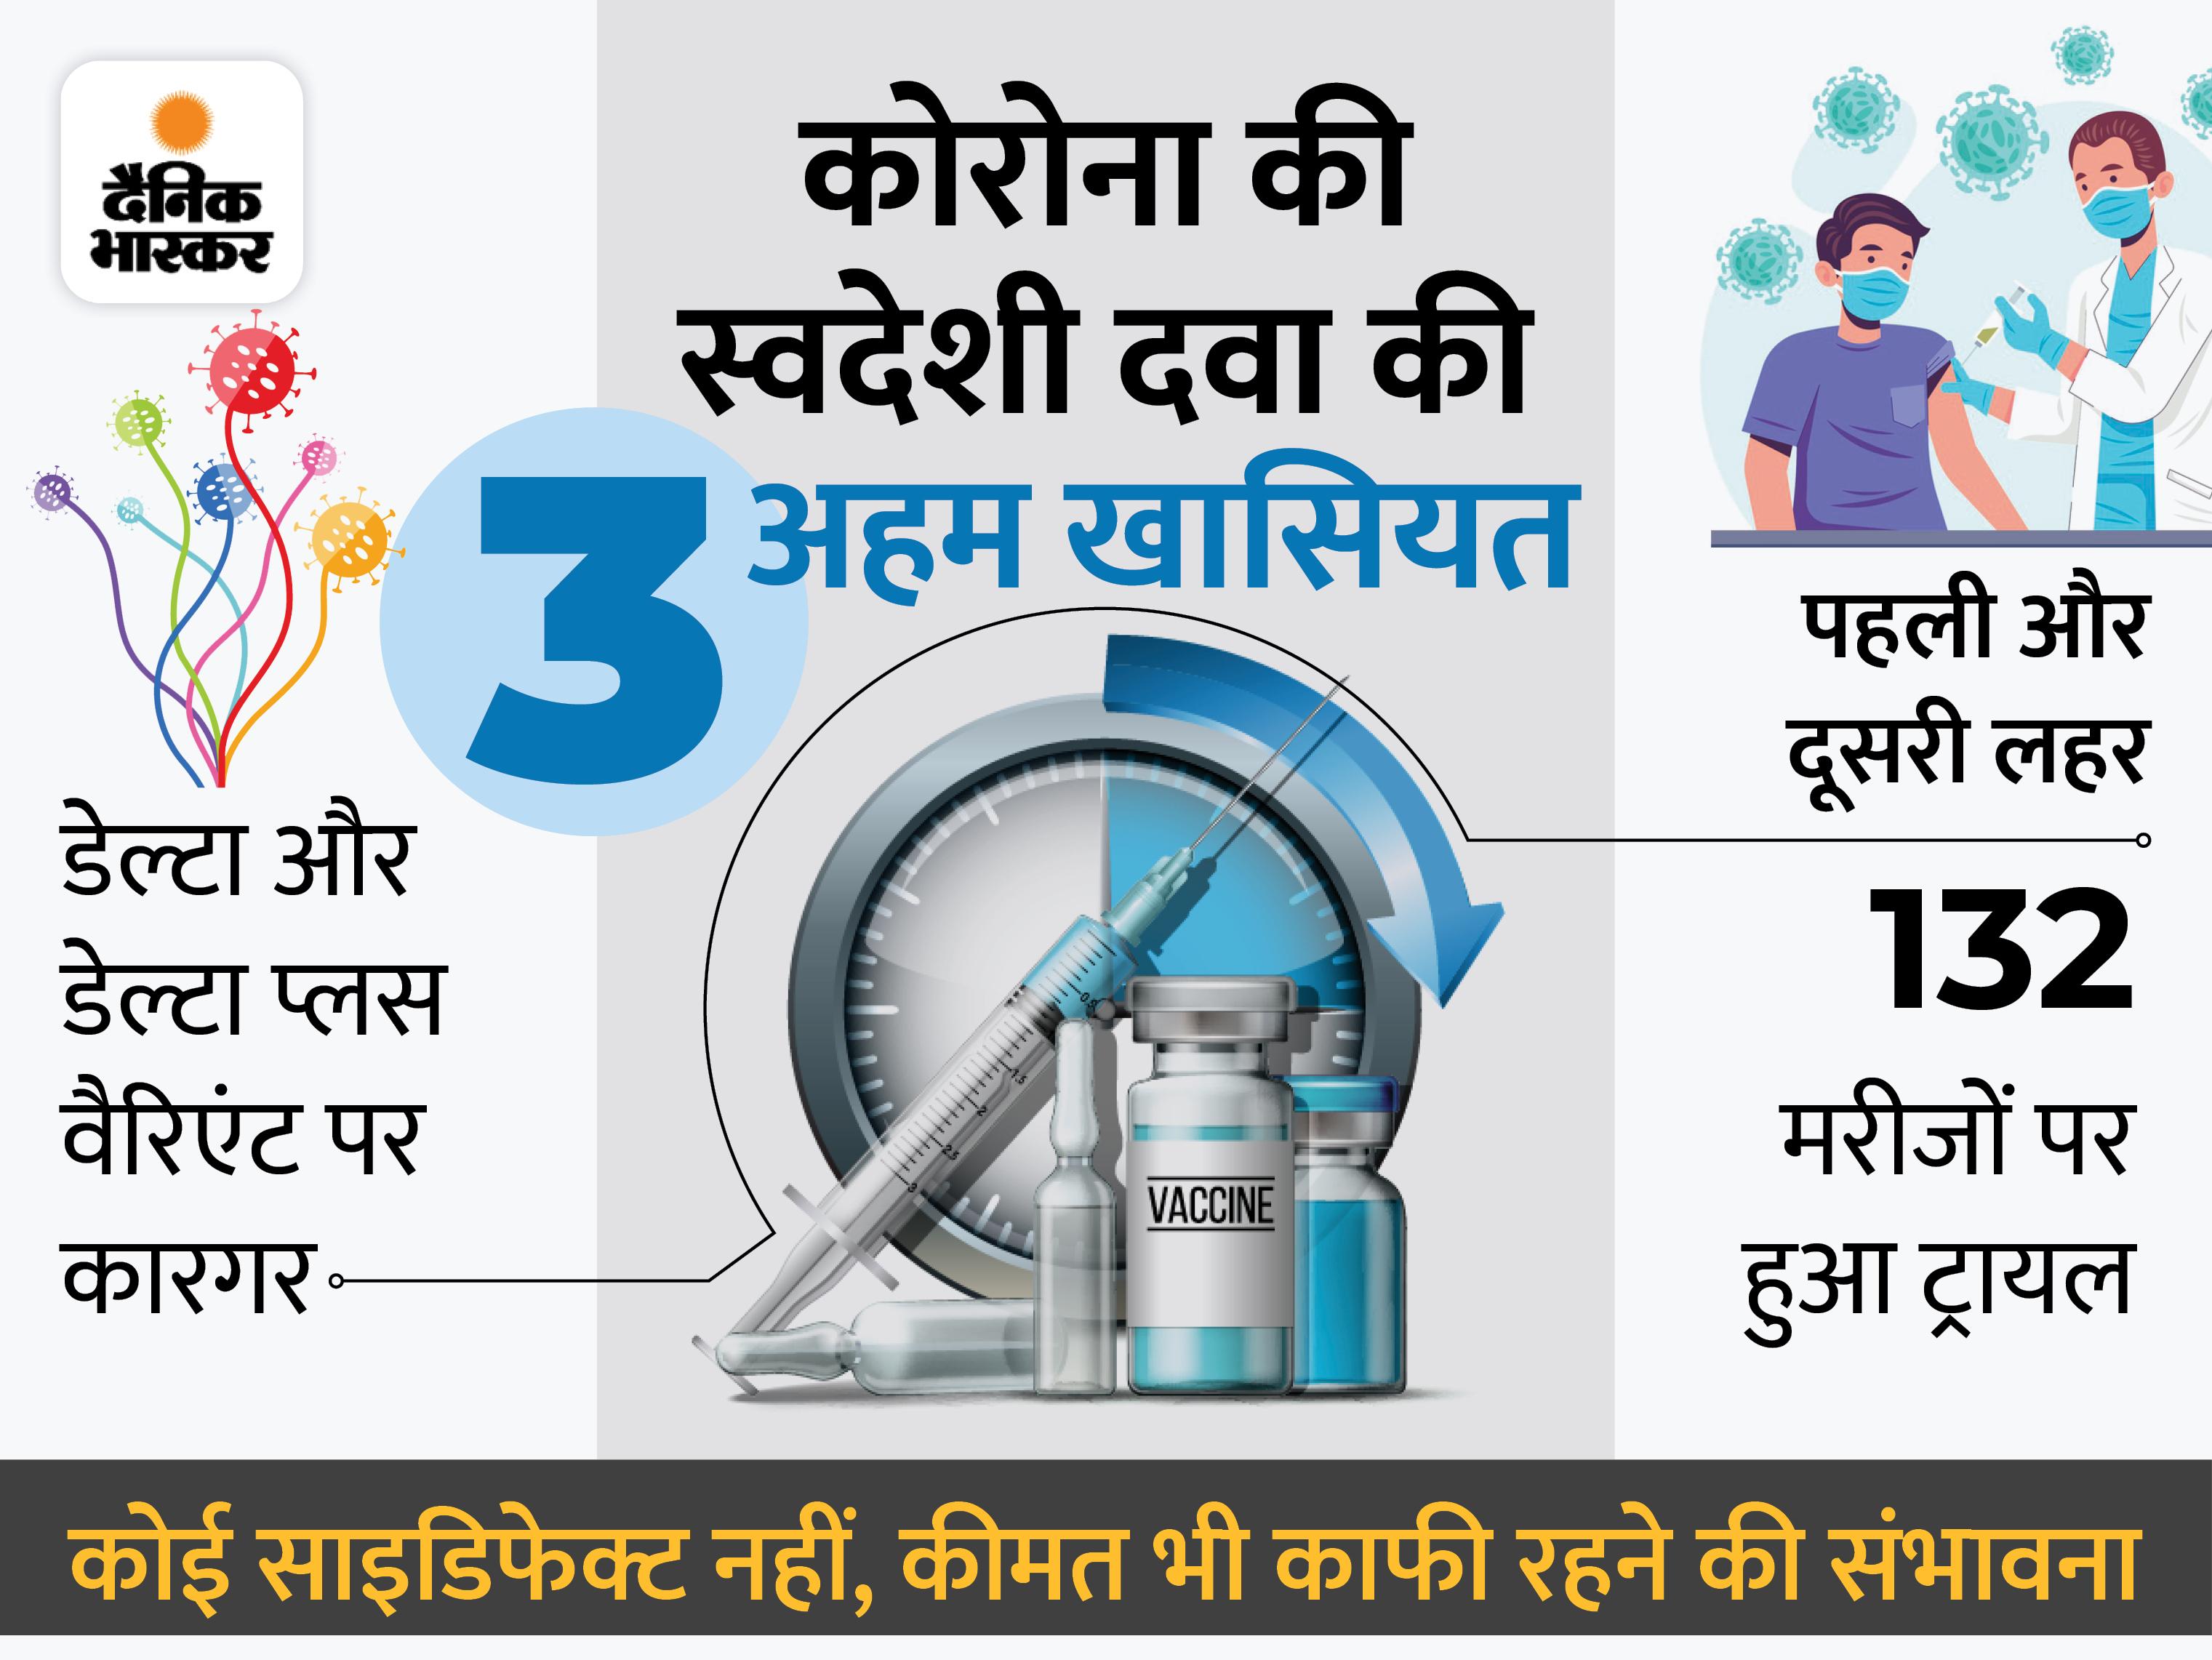 दावा- महज 5 दिन में कम हो जाएगा वायरस का लोड, गर्भवती महिलाओं और बच्चों पर भी कारगर|लखनऊ,Lucknow - Dainik Bhaskar